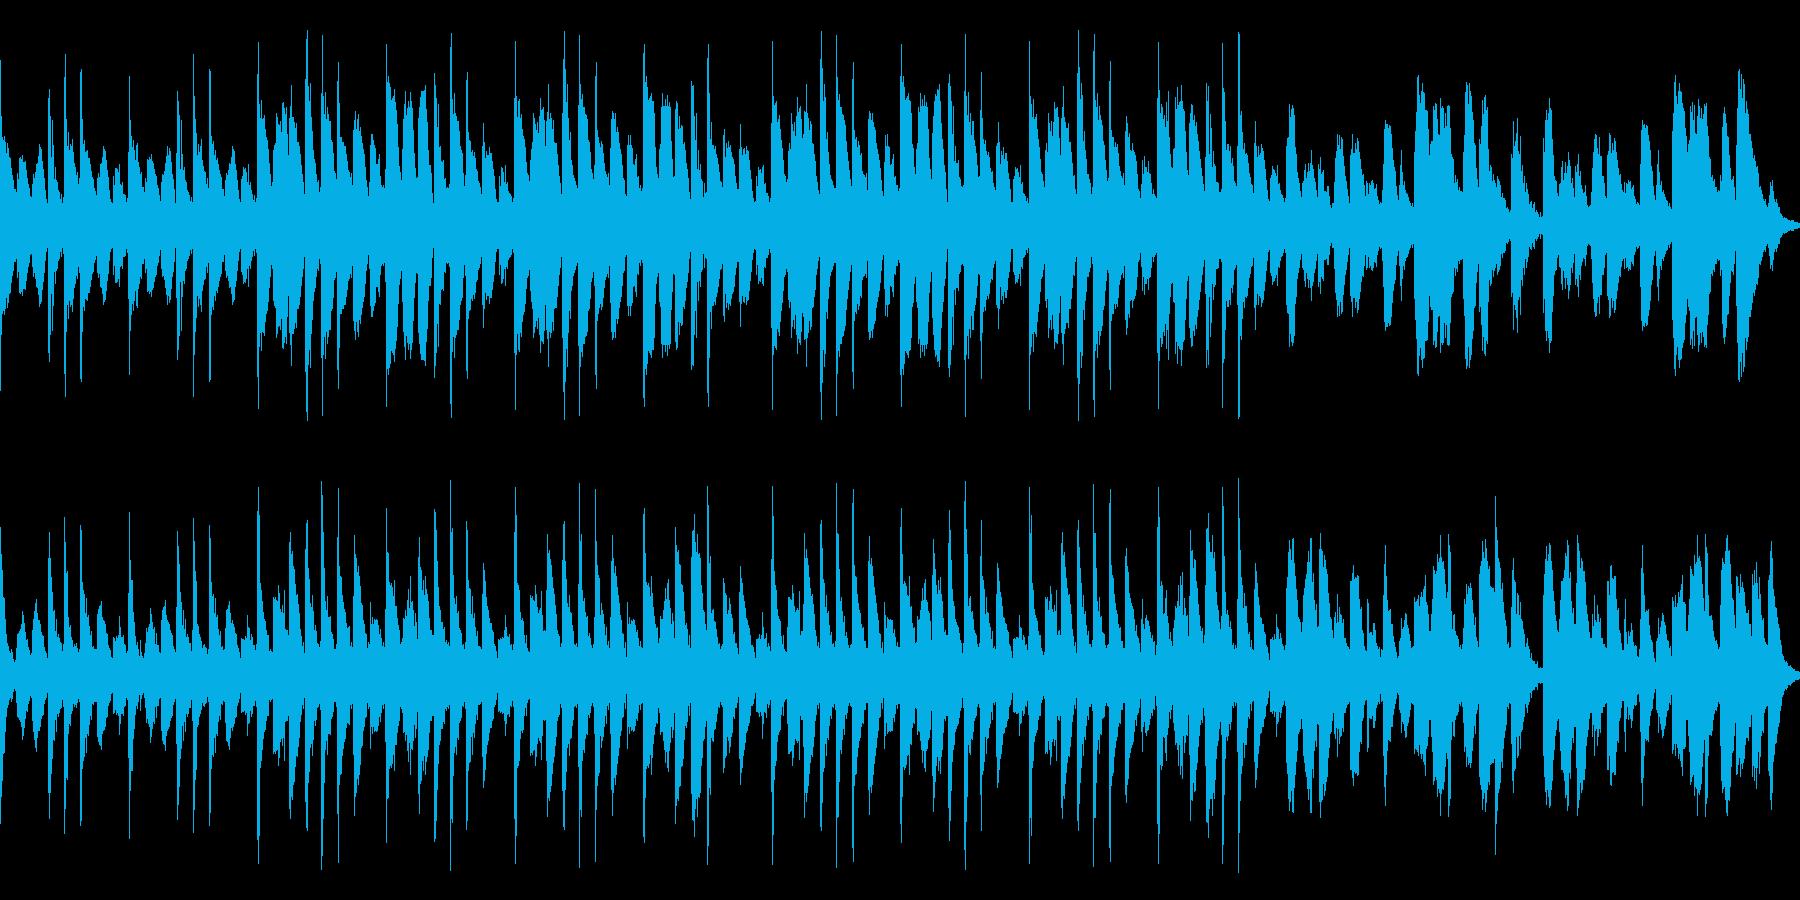 明るくわくわくするようなループBGMの再生済みの波形